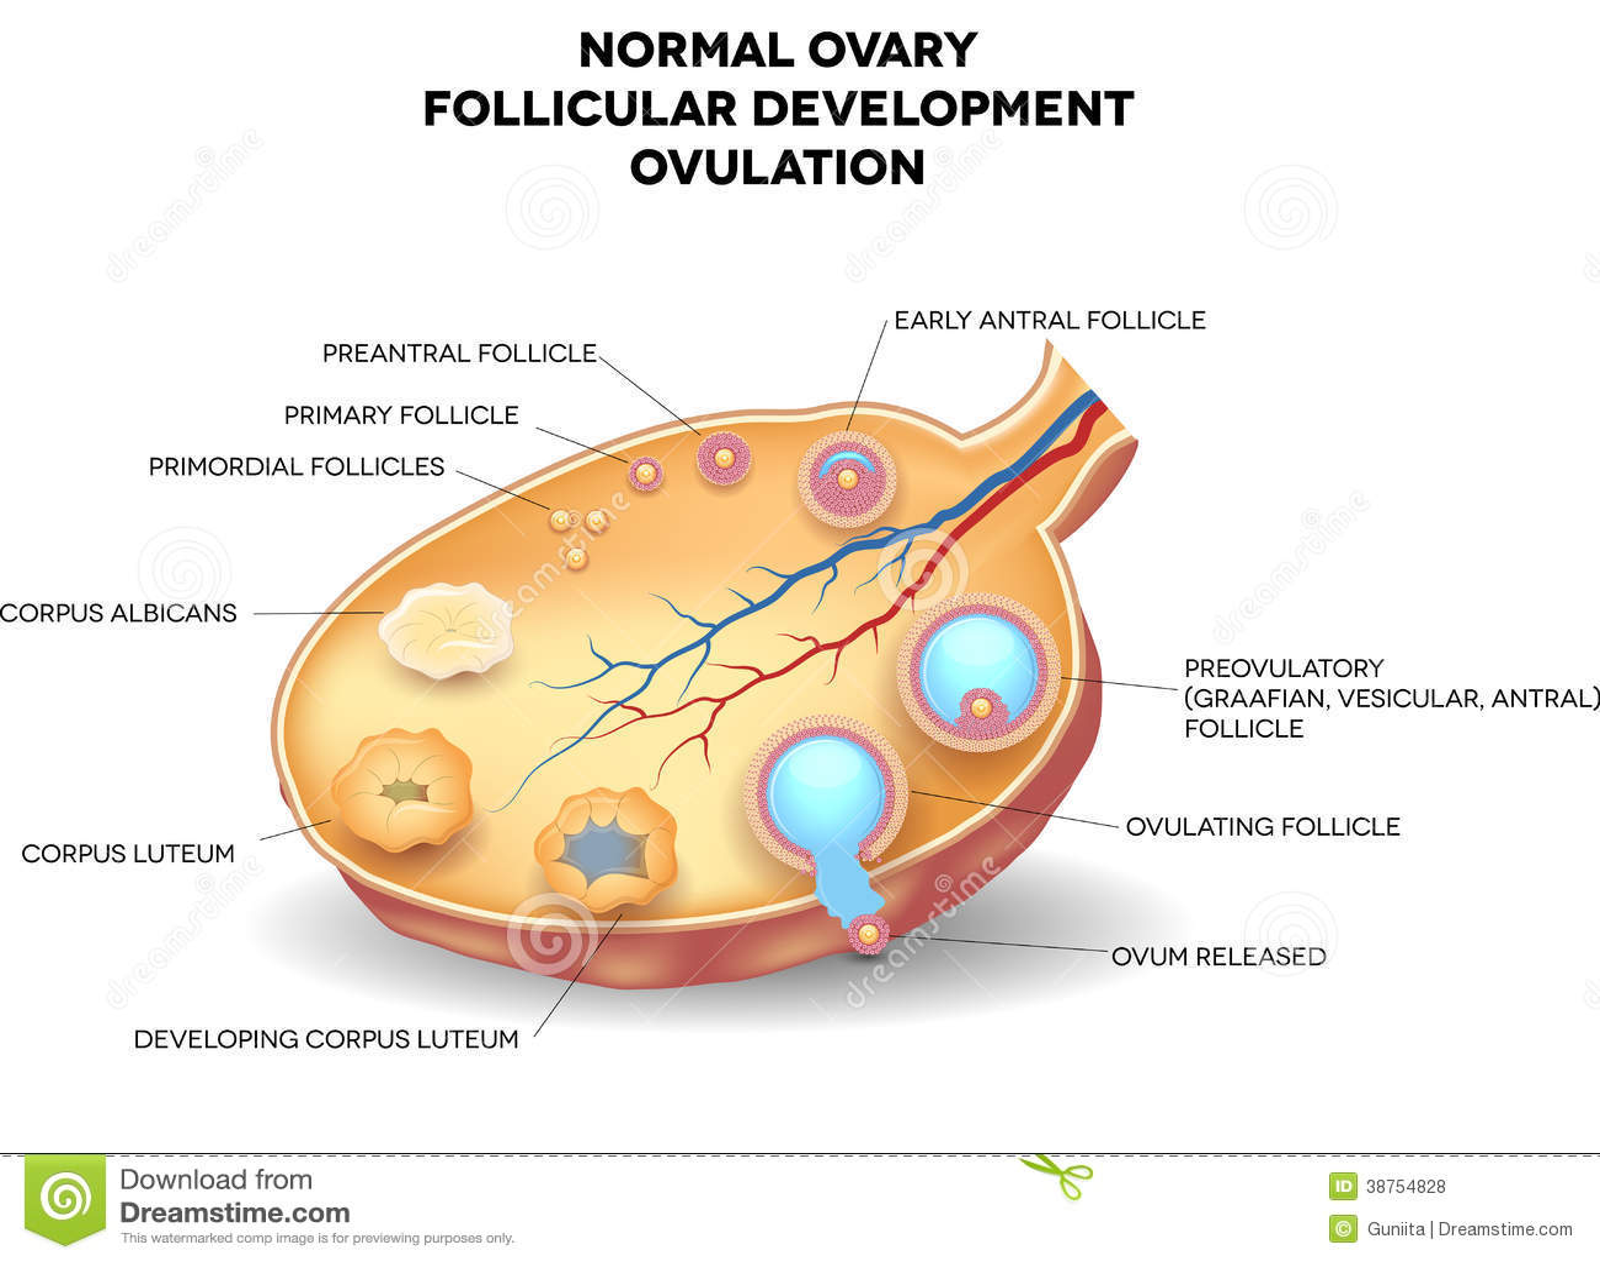 Gata El Cuidado Del Cuerpo: Ovario Normal, Desarrollo Folicular Y Ovulación Stock De